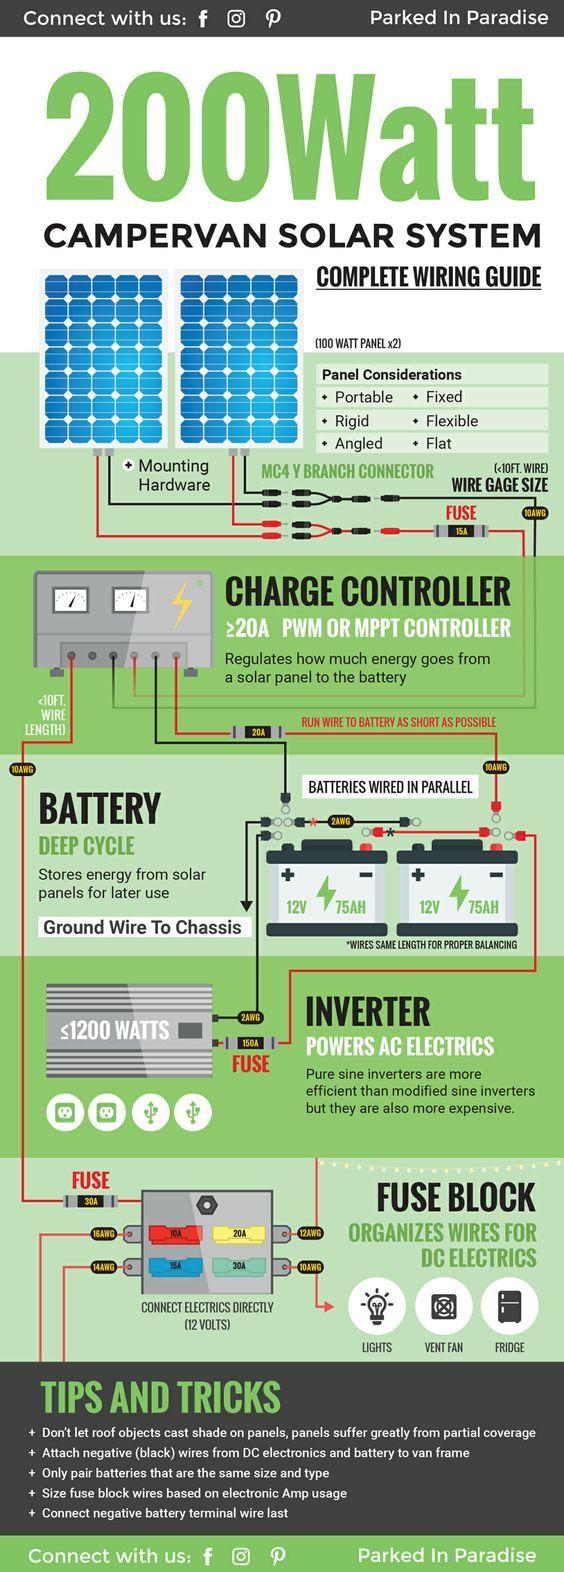 medium resolution of solar calculator and diy wiring diagrams vw lt 35 motorhome upgrade solar panel system campervan solar panels